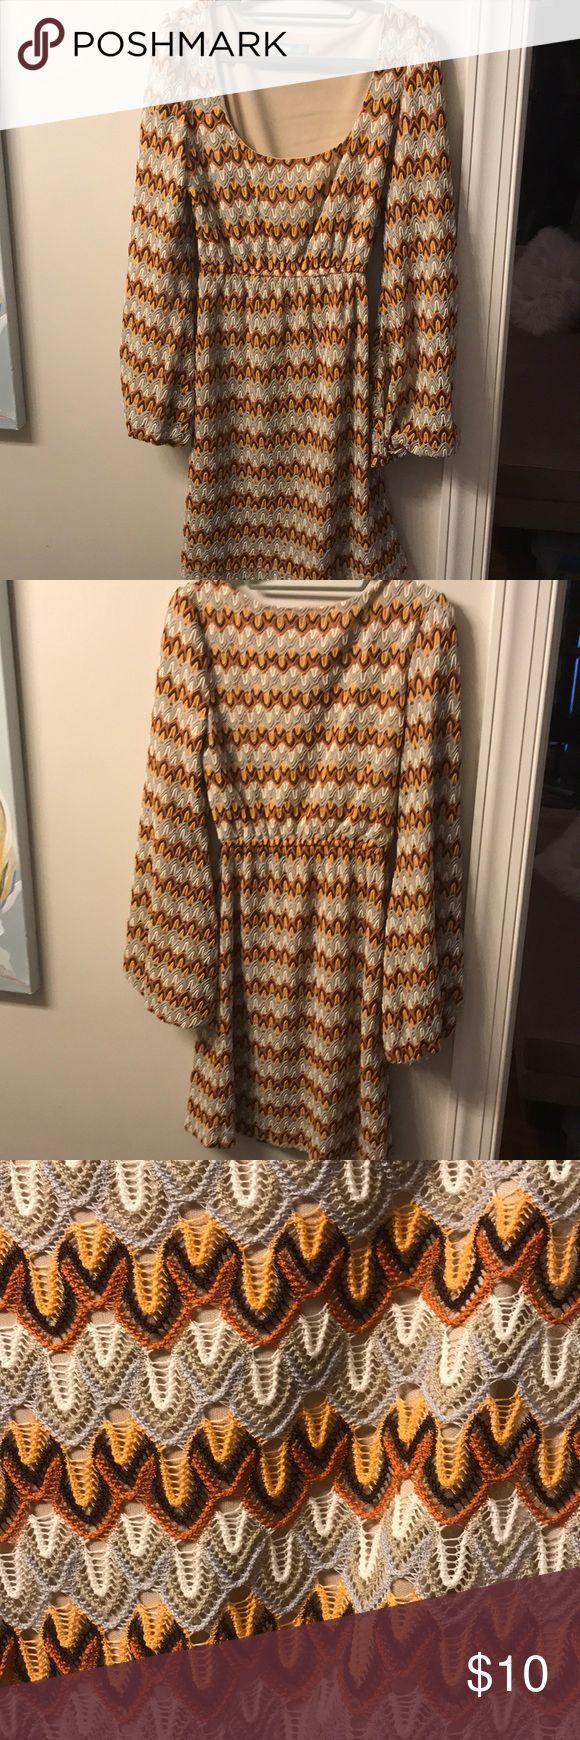 Judith March crochet knit dress, beige liner Judith March, size large crochet knit dress with beige liner, elastic bell sleeves Judith March Dresses